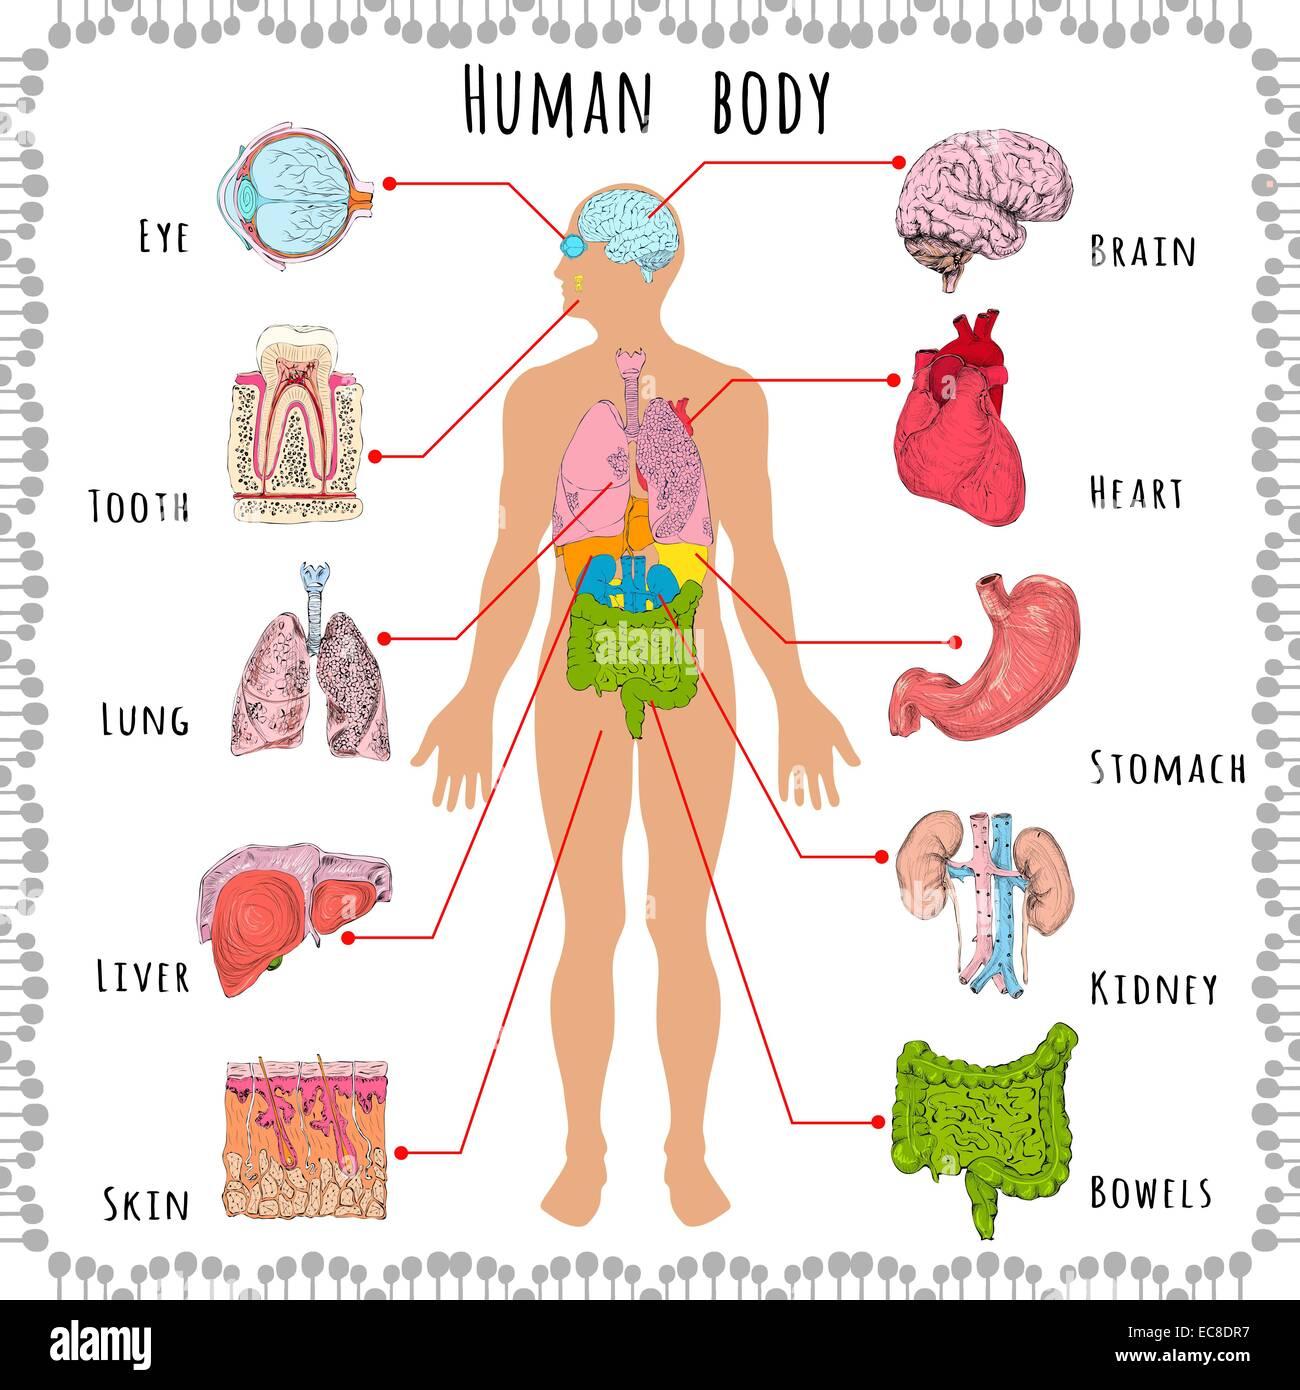 Tolle Anatomie Organe Menschlichen Körpers Ideen - Menschliche ...